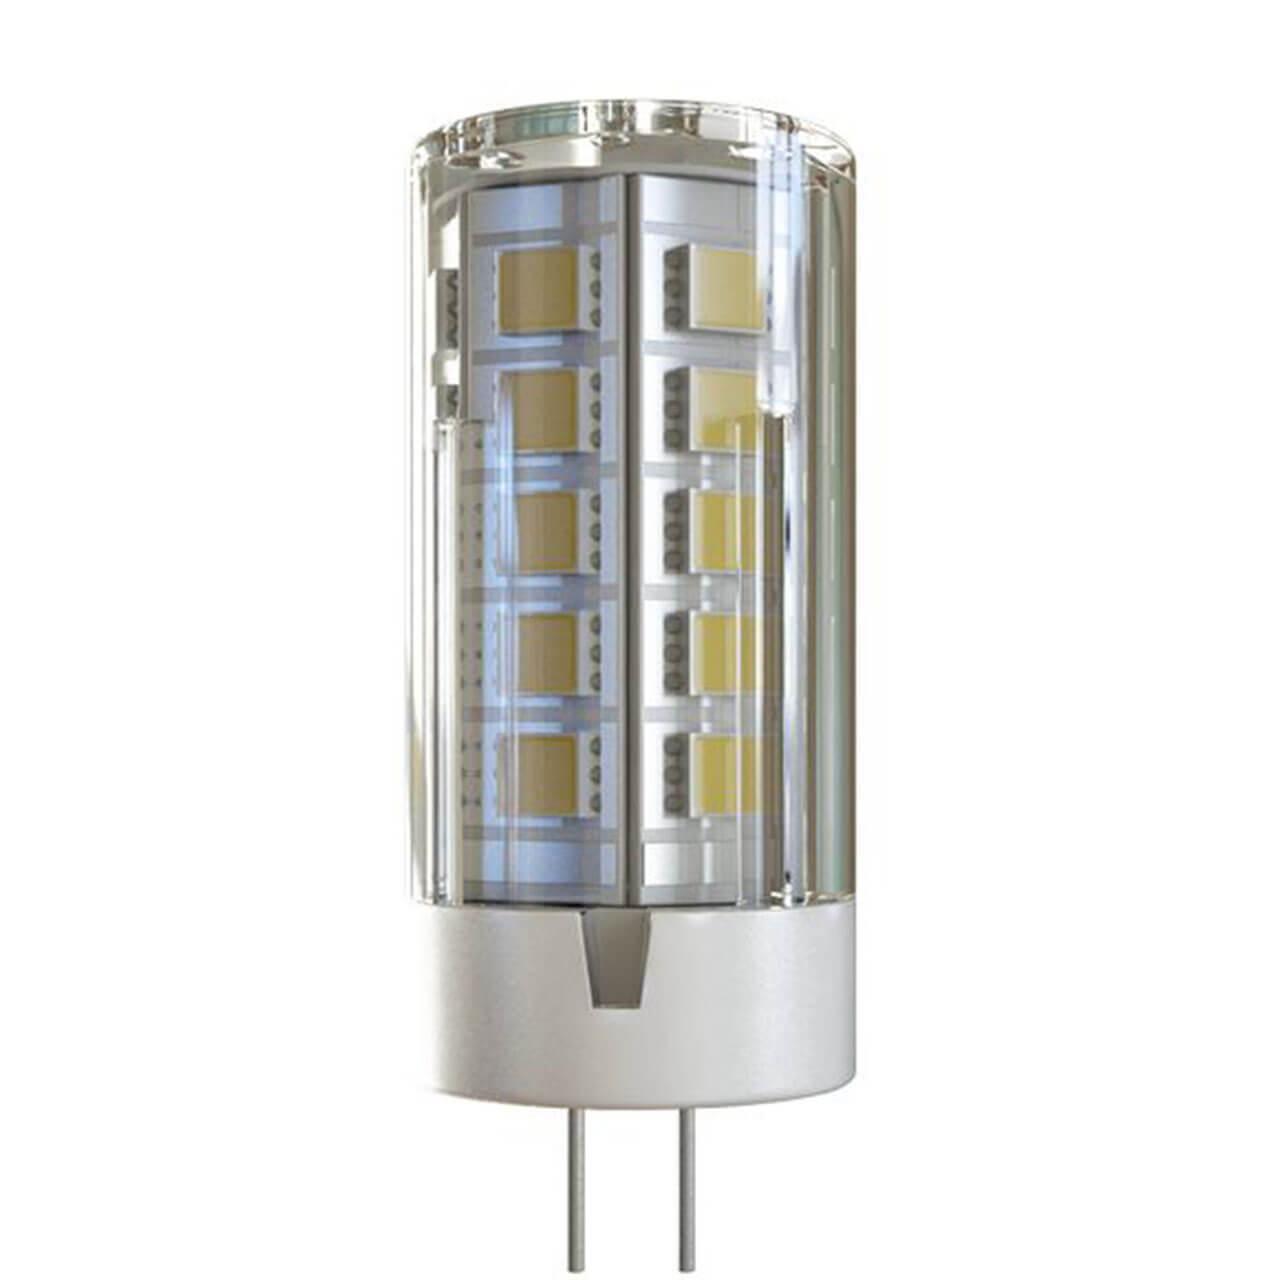 Лампа светодиодная Voltega G4 4W 4000К прозрачная VG9-K1G4cold4W-12 7031 voltega лампа светодиодная voltega рефлектор матовый e14 5 4w 4000к vg4 rm2e14cold5w 5756